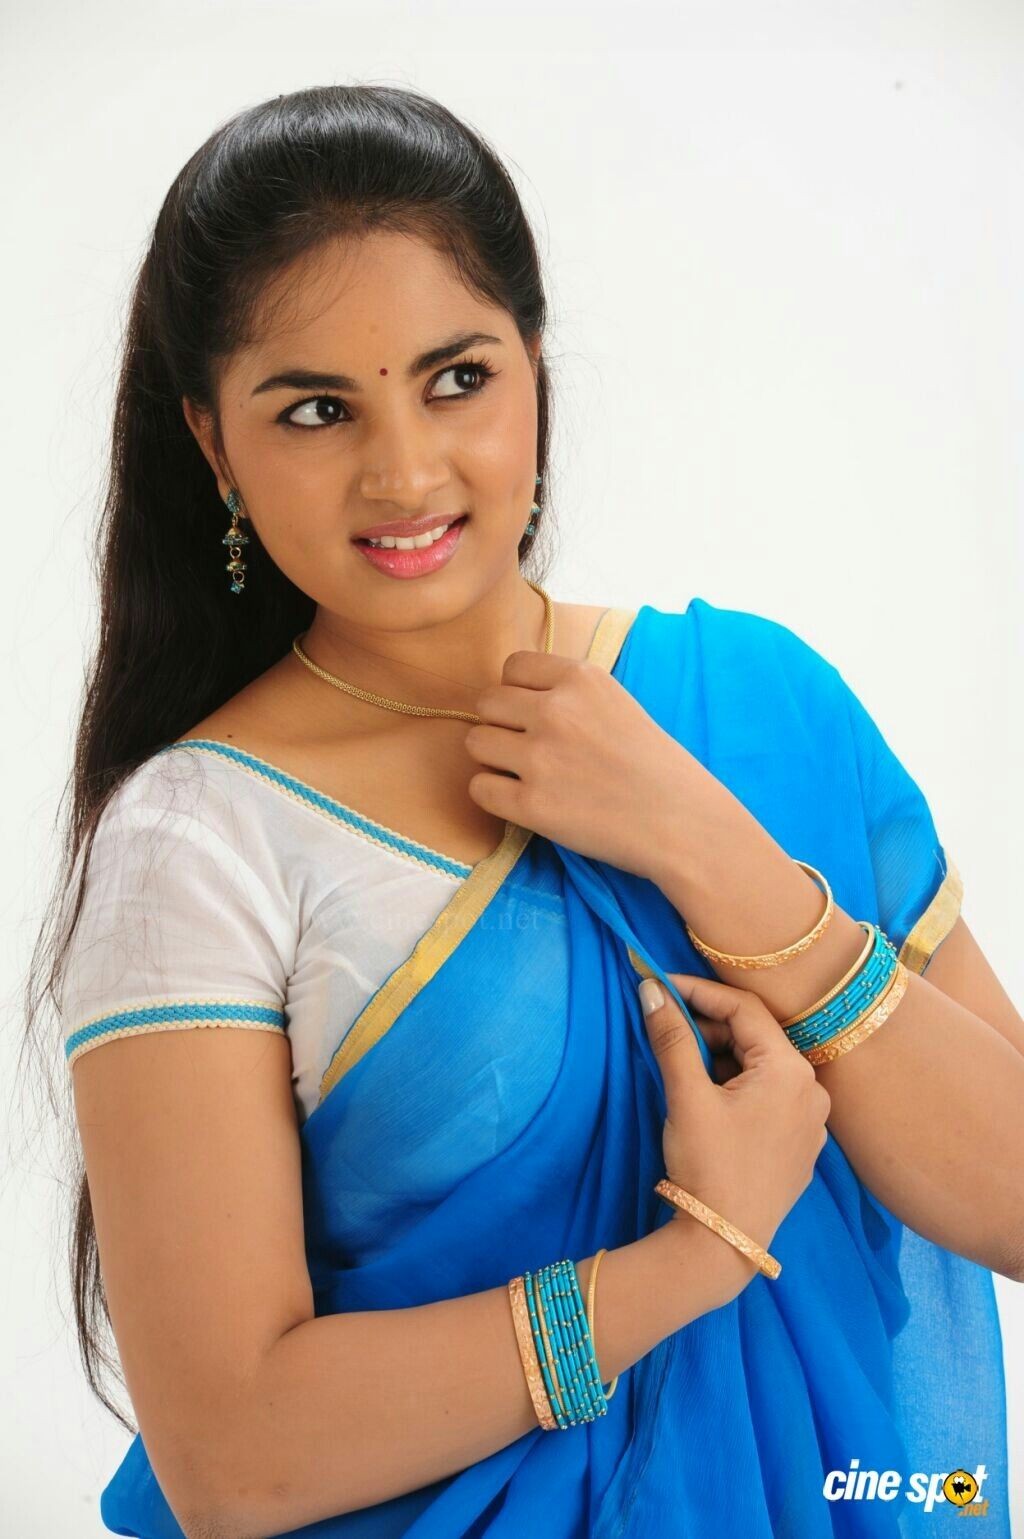 Pin By Eswaran On Celebrities South Indian Actress Actresses Tamil Actress Photos